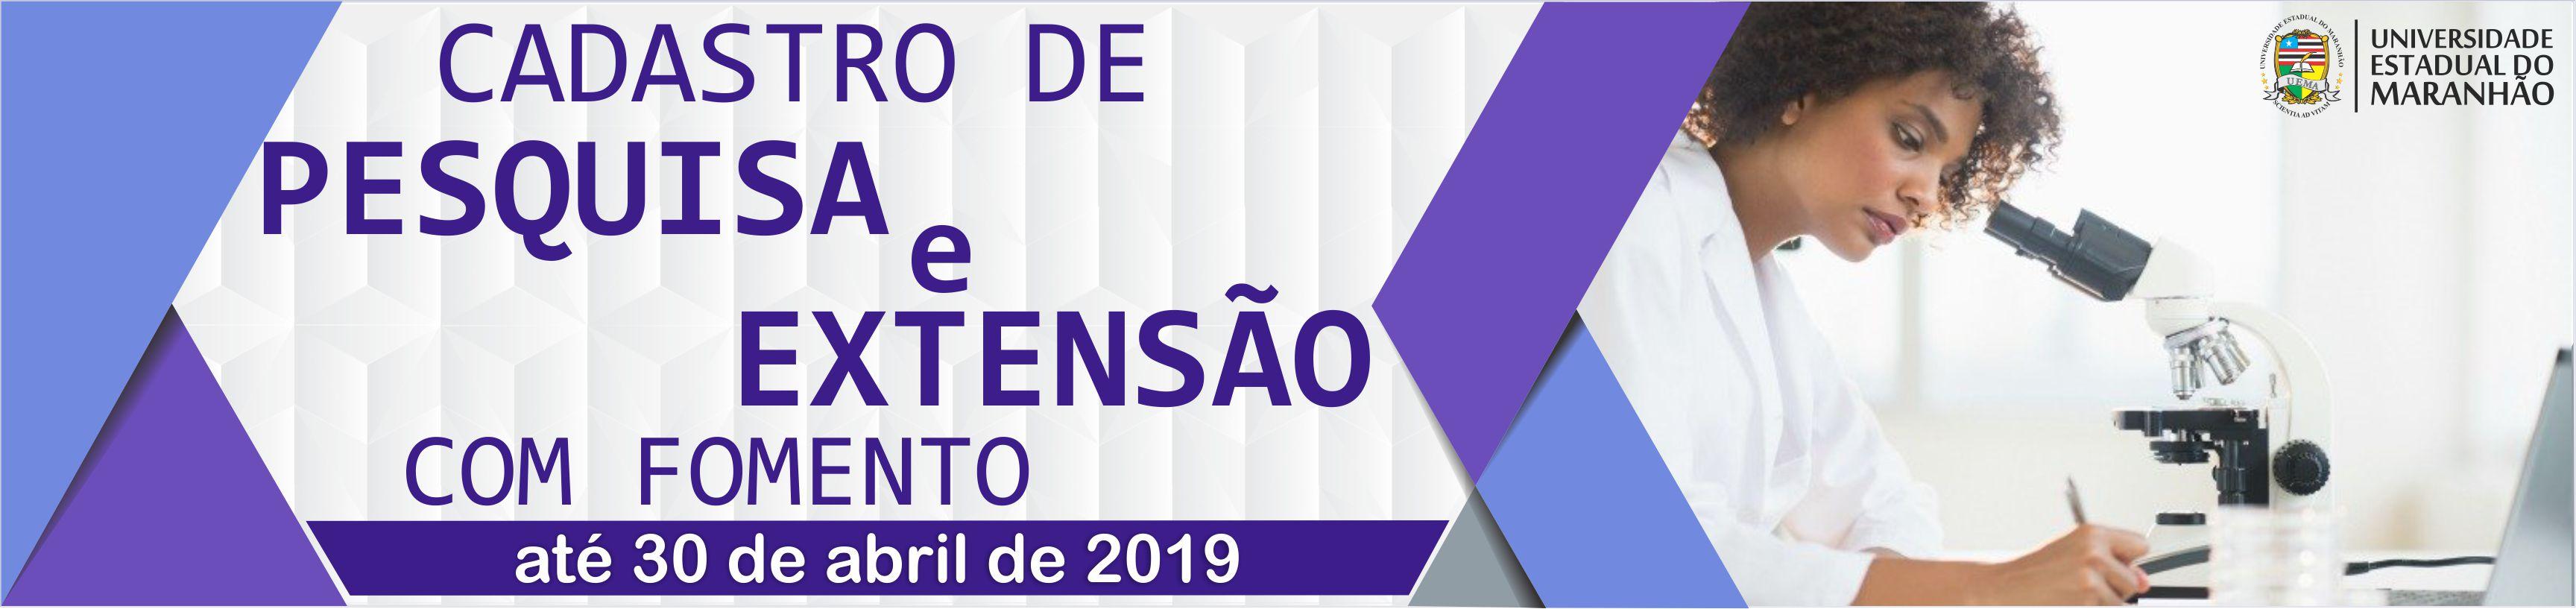 Divulgação_Pesquisa_com_fomento_2019